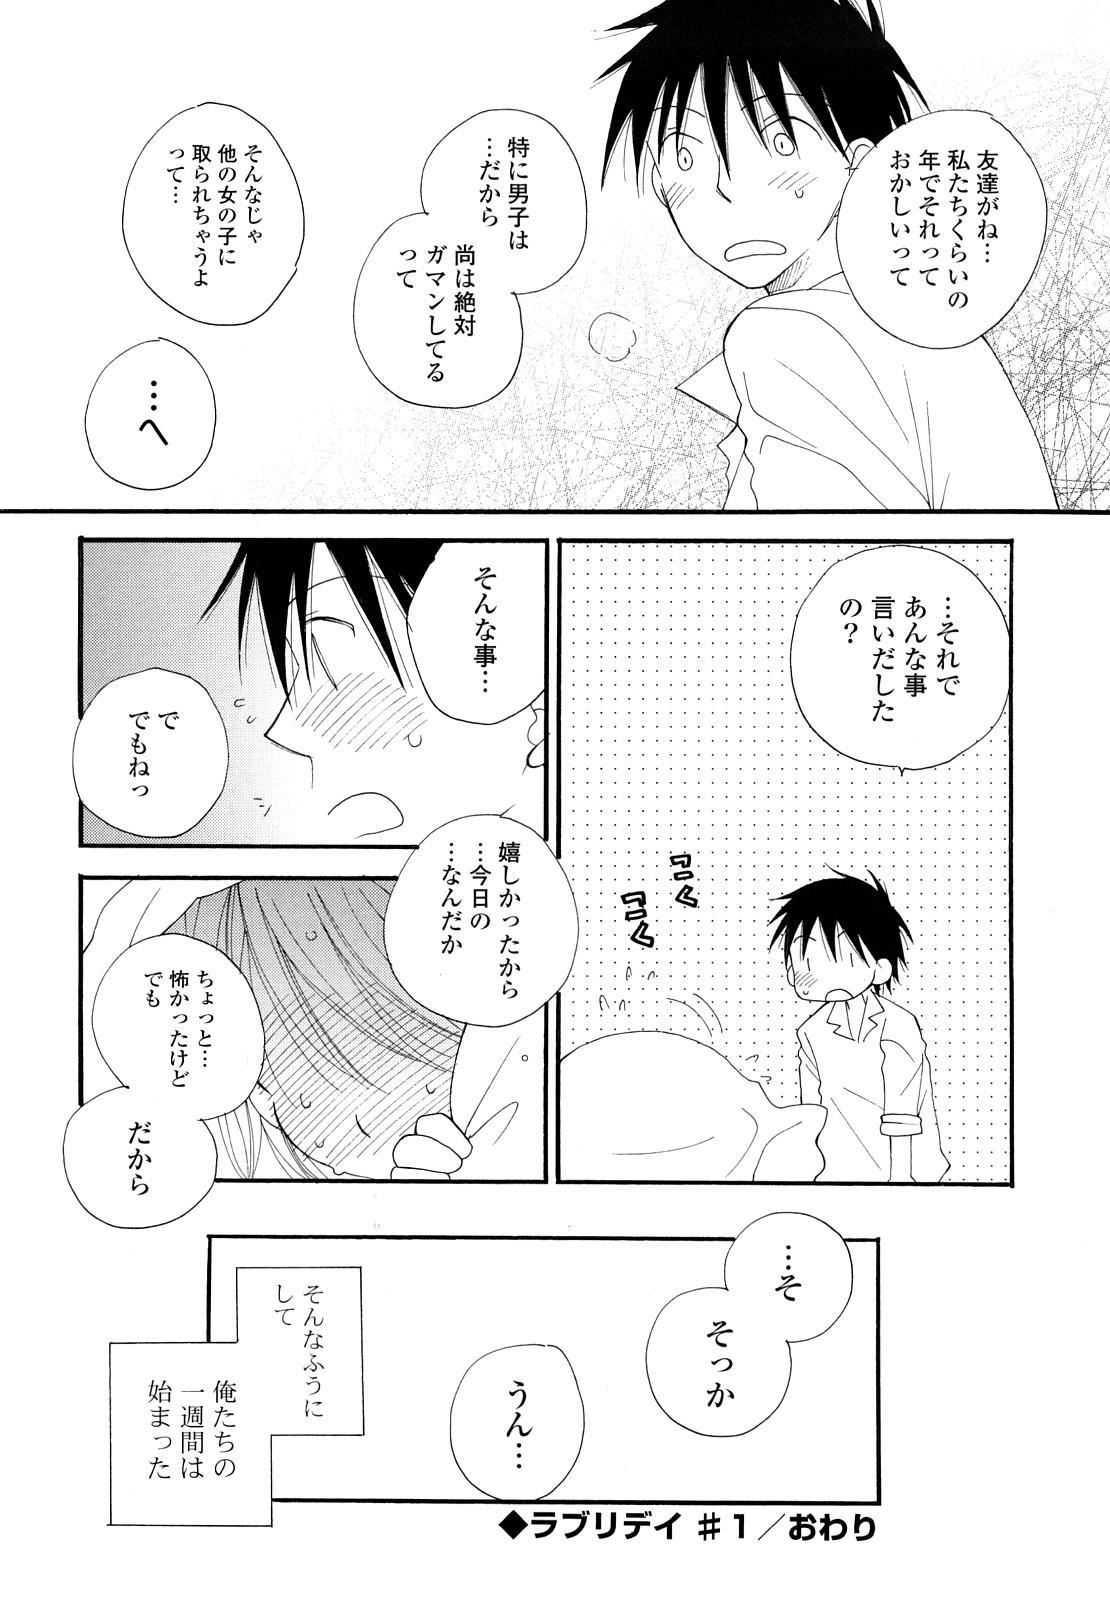 Houkago Nyan Nyan 22